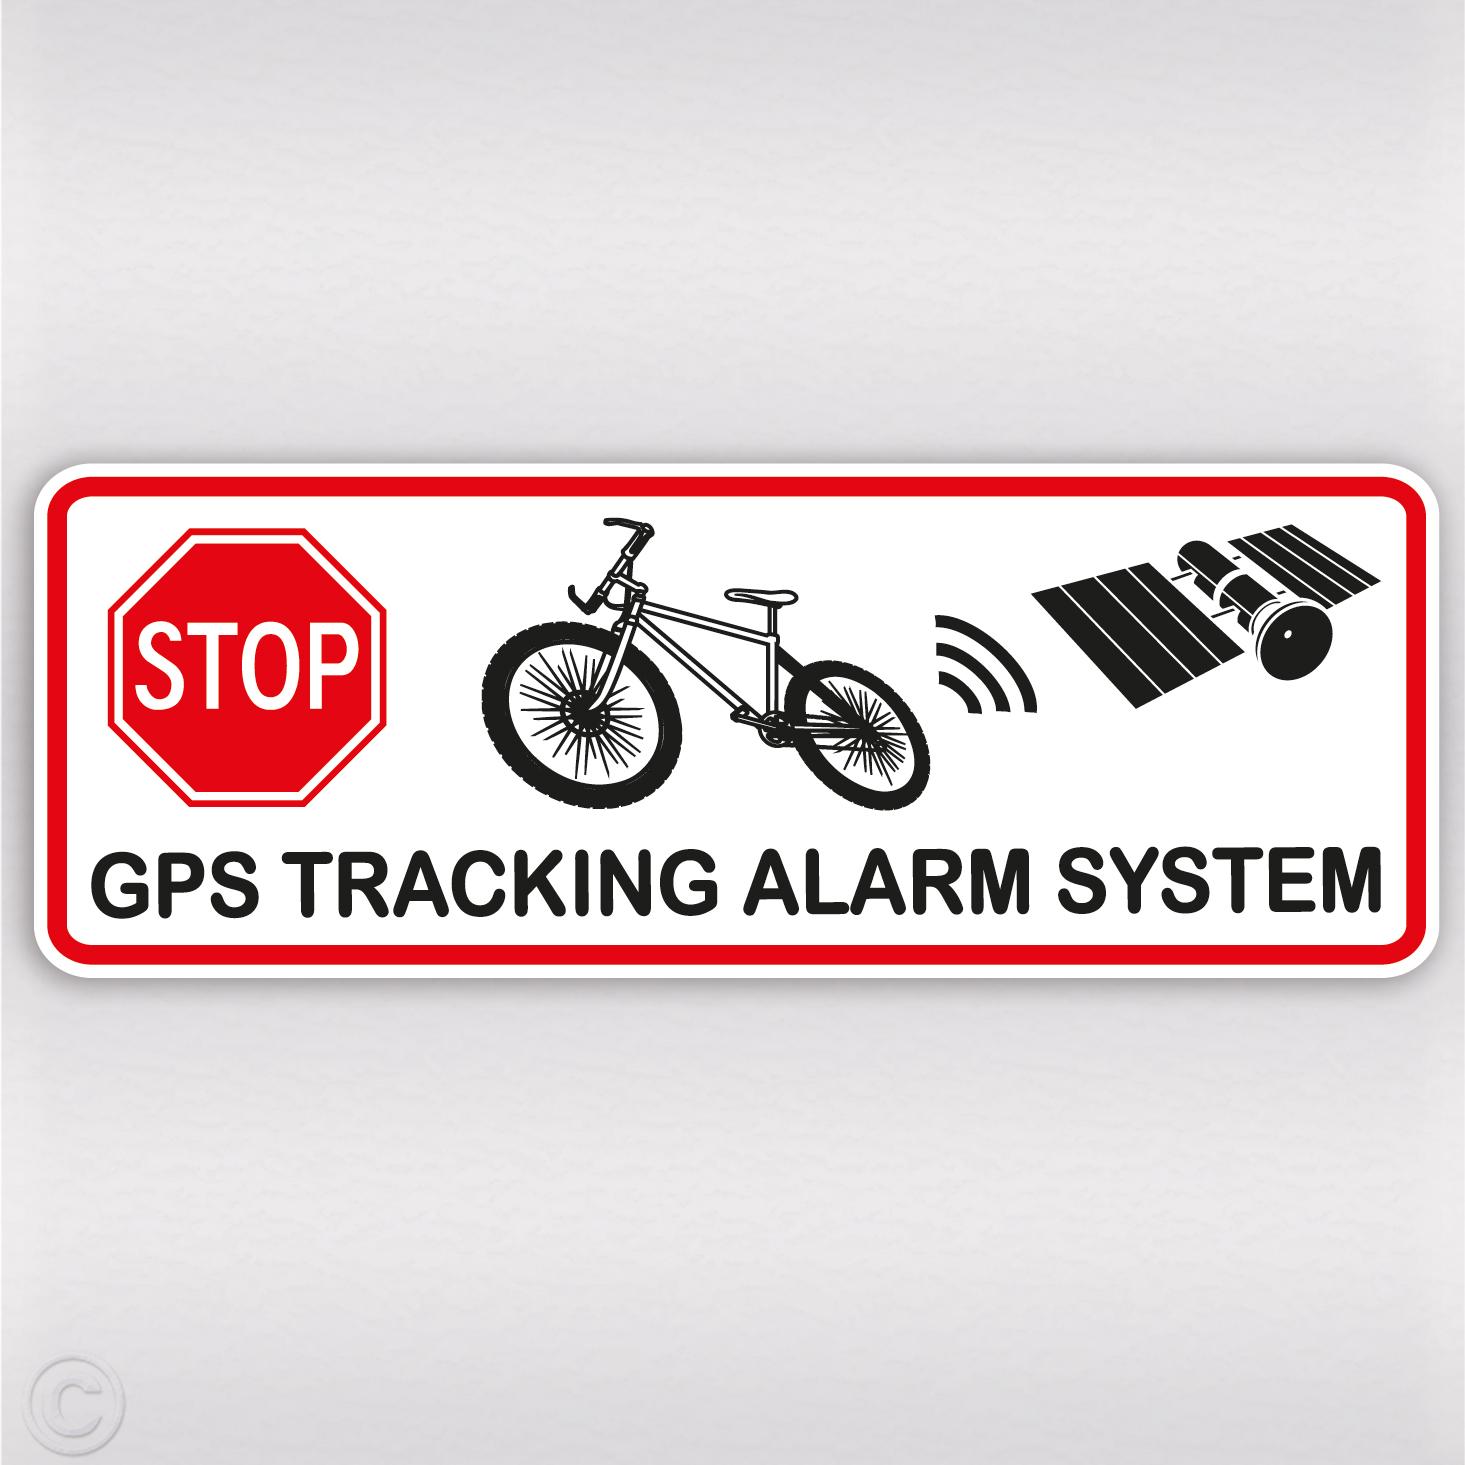 gps aufkleber fahrrad diebstahlschutz tracking alarm system sticker kaufen. Black Bedroom Furniture Sets. Home Design Ideas